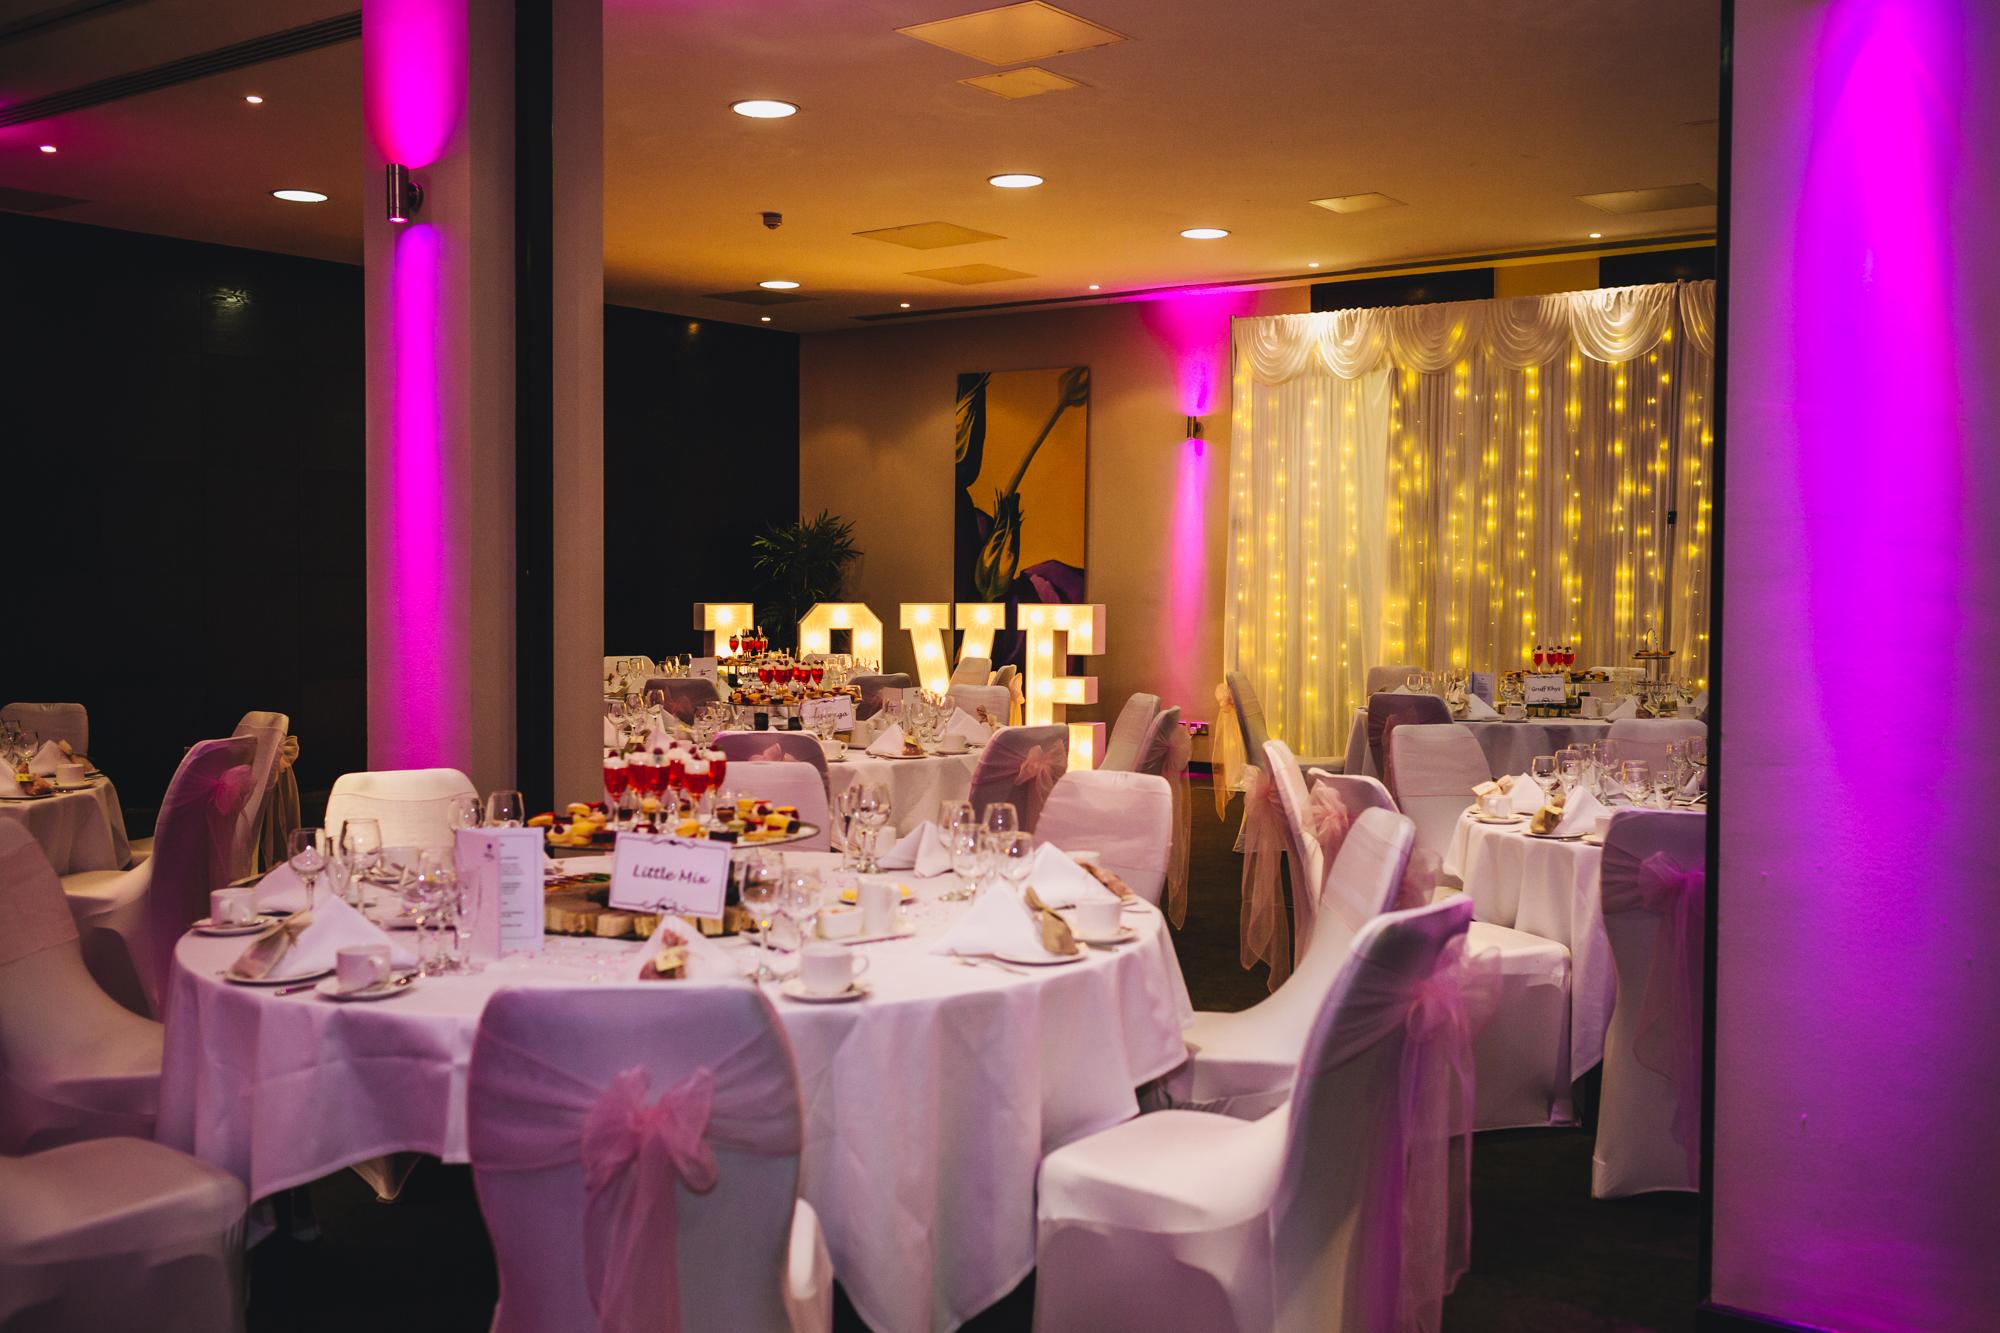 Wedding photographer Cardiff, South Wales, Park Plaza Hotel wedding photographs